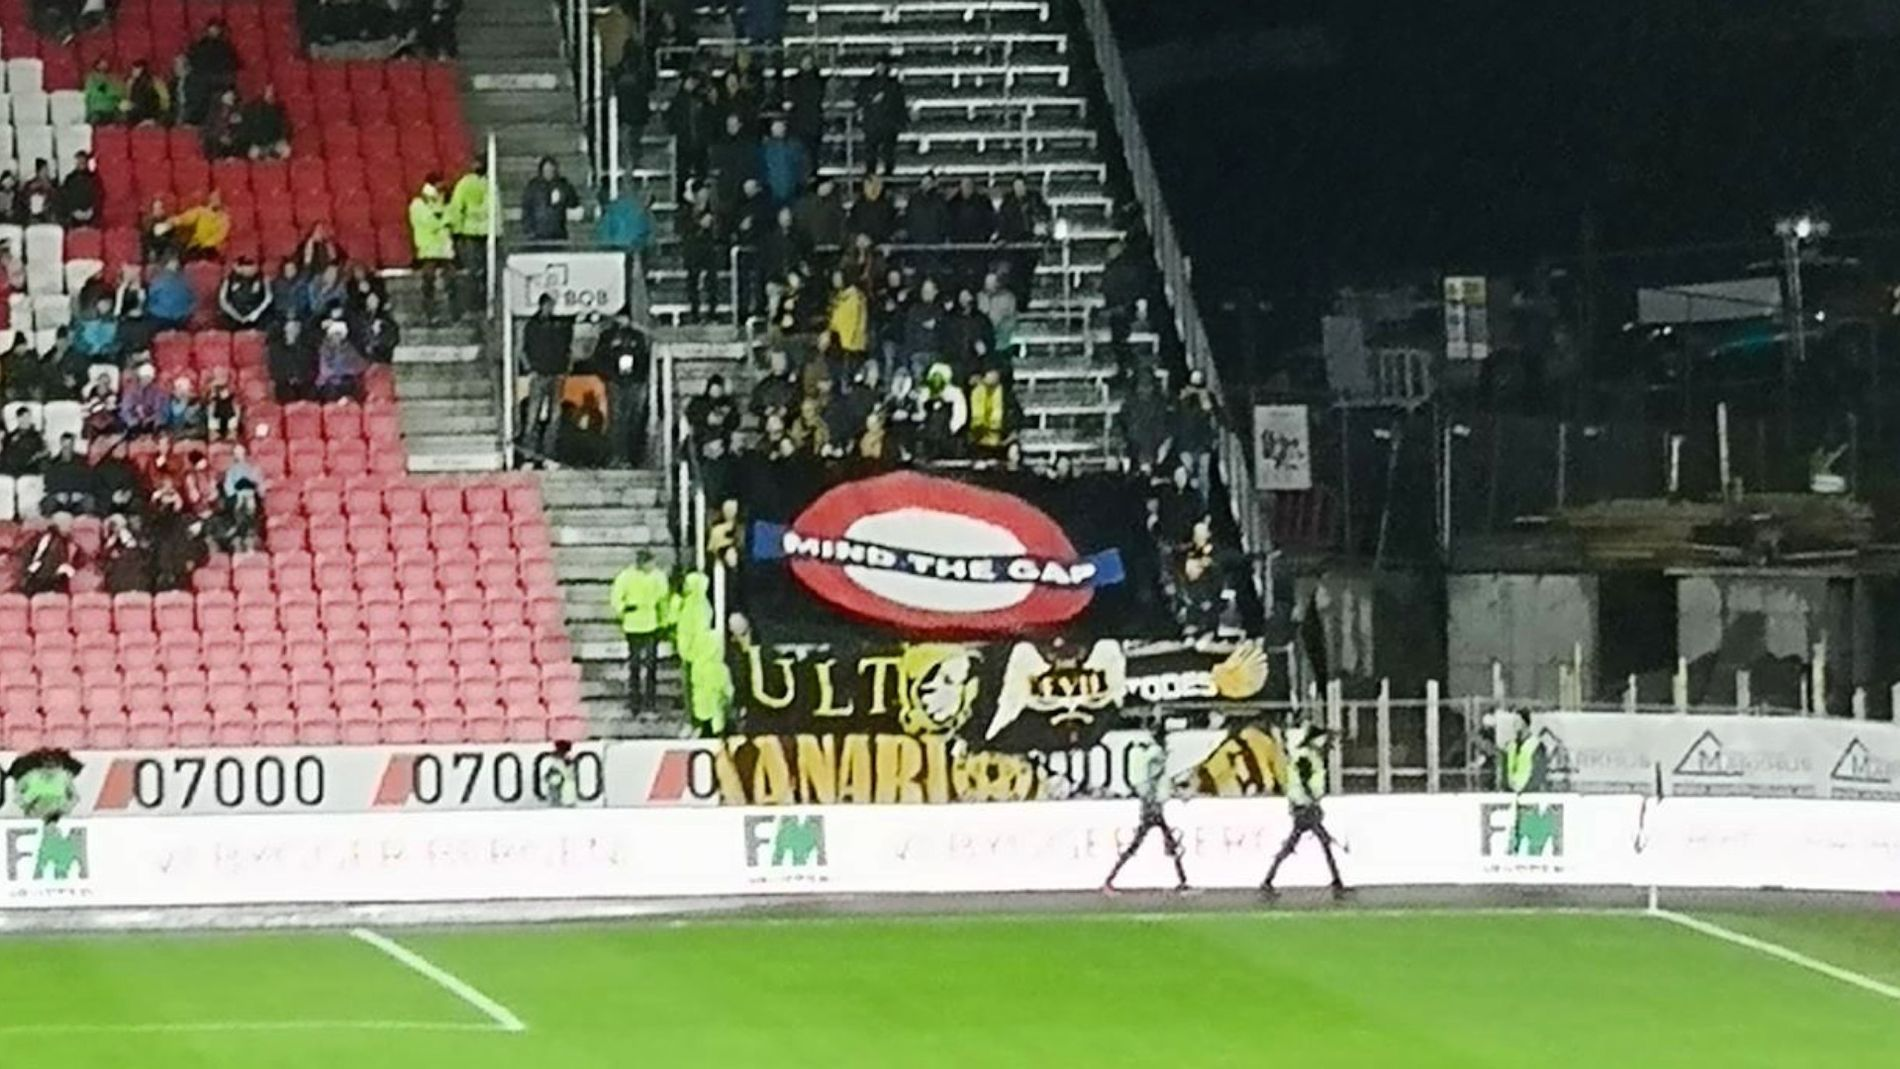 SKAPTE STORM: Det er dette banneret – som Lillestrøm-supporterne holdt opp i annenomgang i kampen mot Brann – som får Fotball-Norge til å reagere sterkt